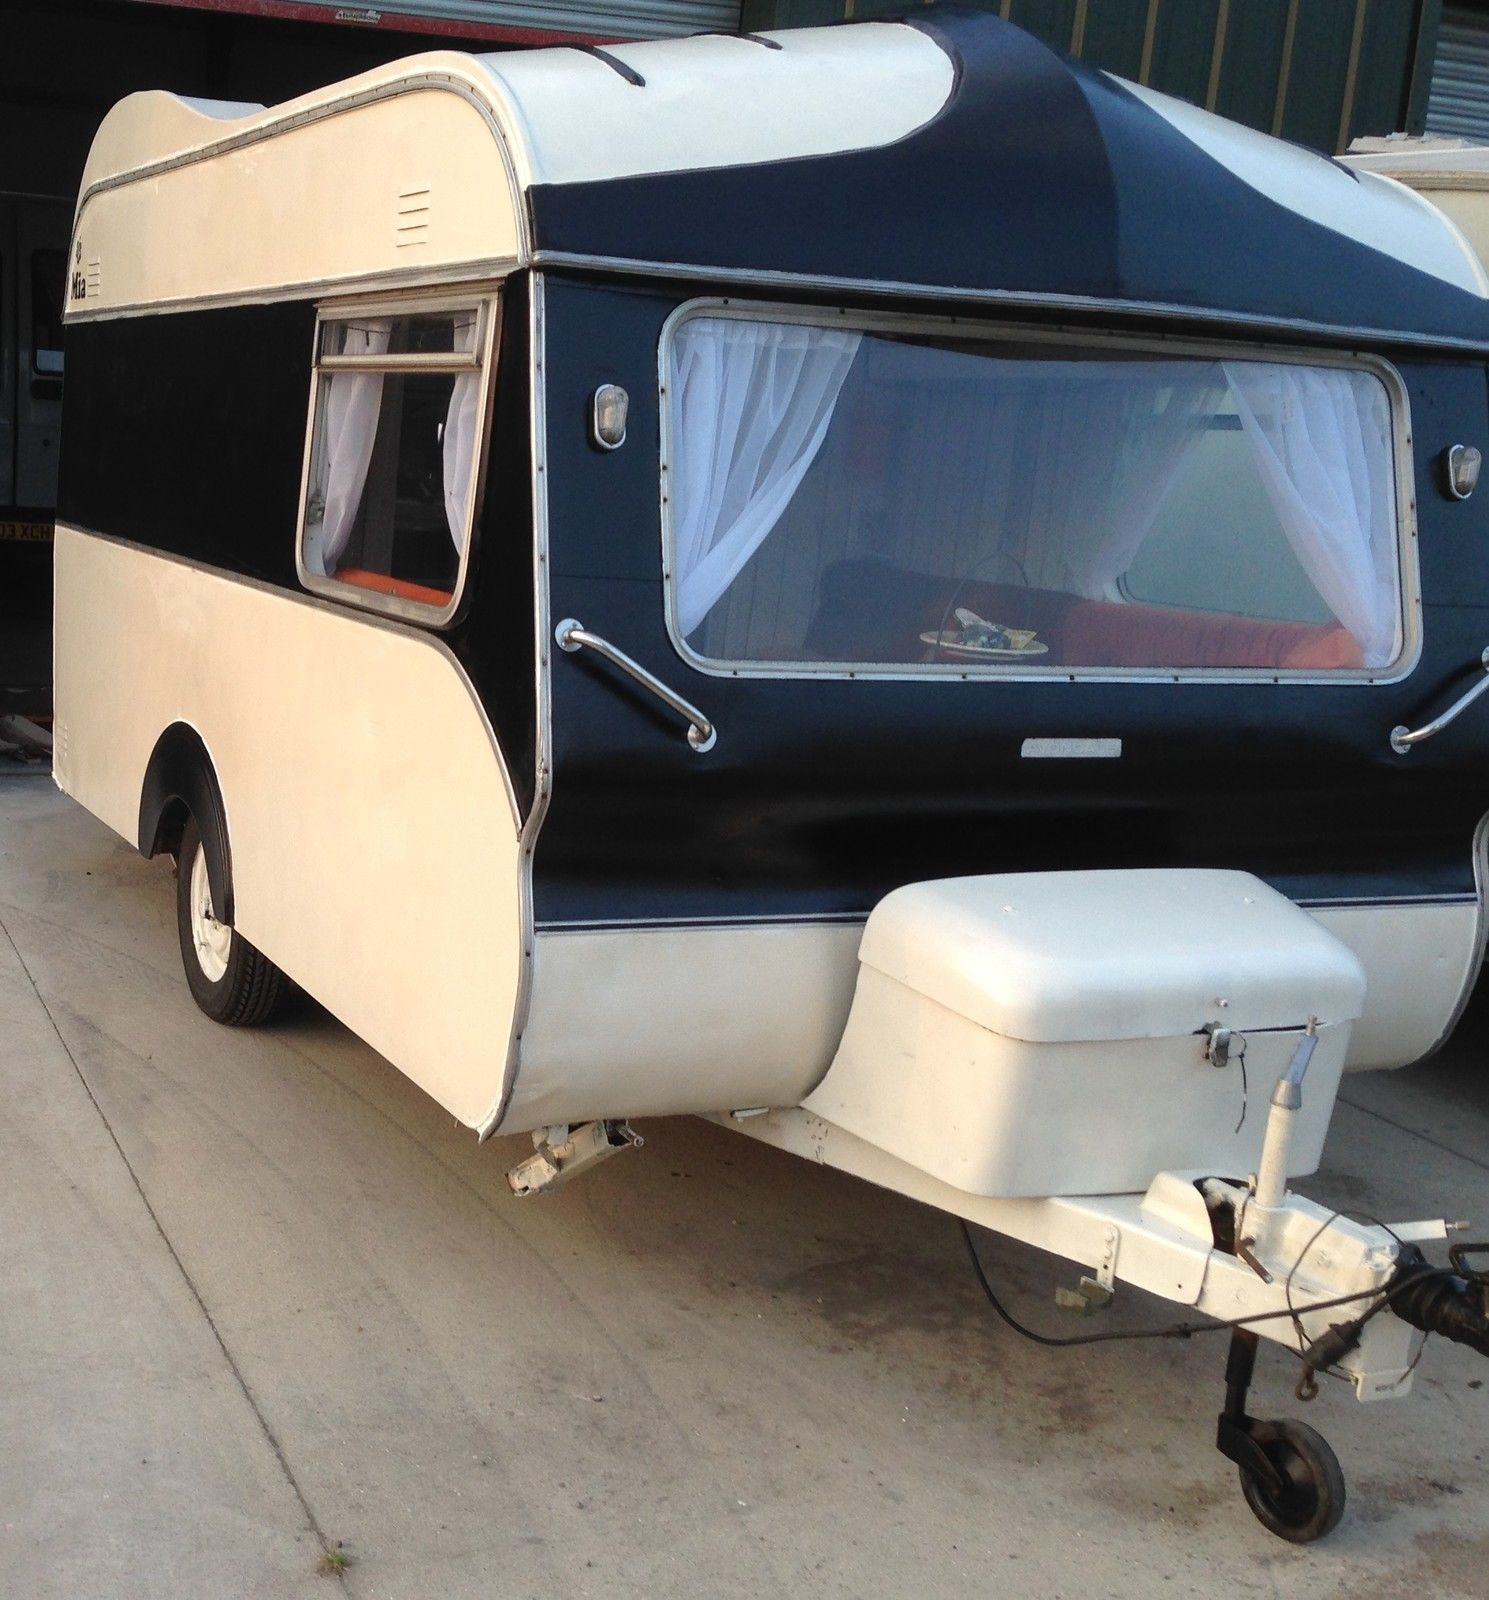 Classic Vintage Avondale Wren 1975 Retro Caravan 2 Berth Black Cream Orange Ebay Vintage Camper Retro Caravan Rv Exterior Paint